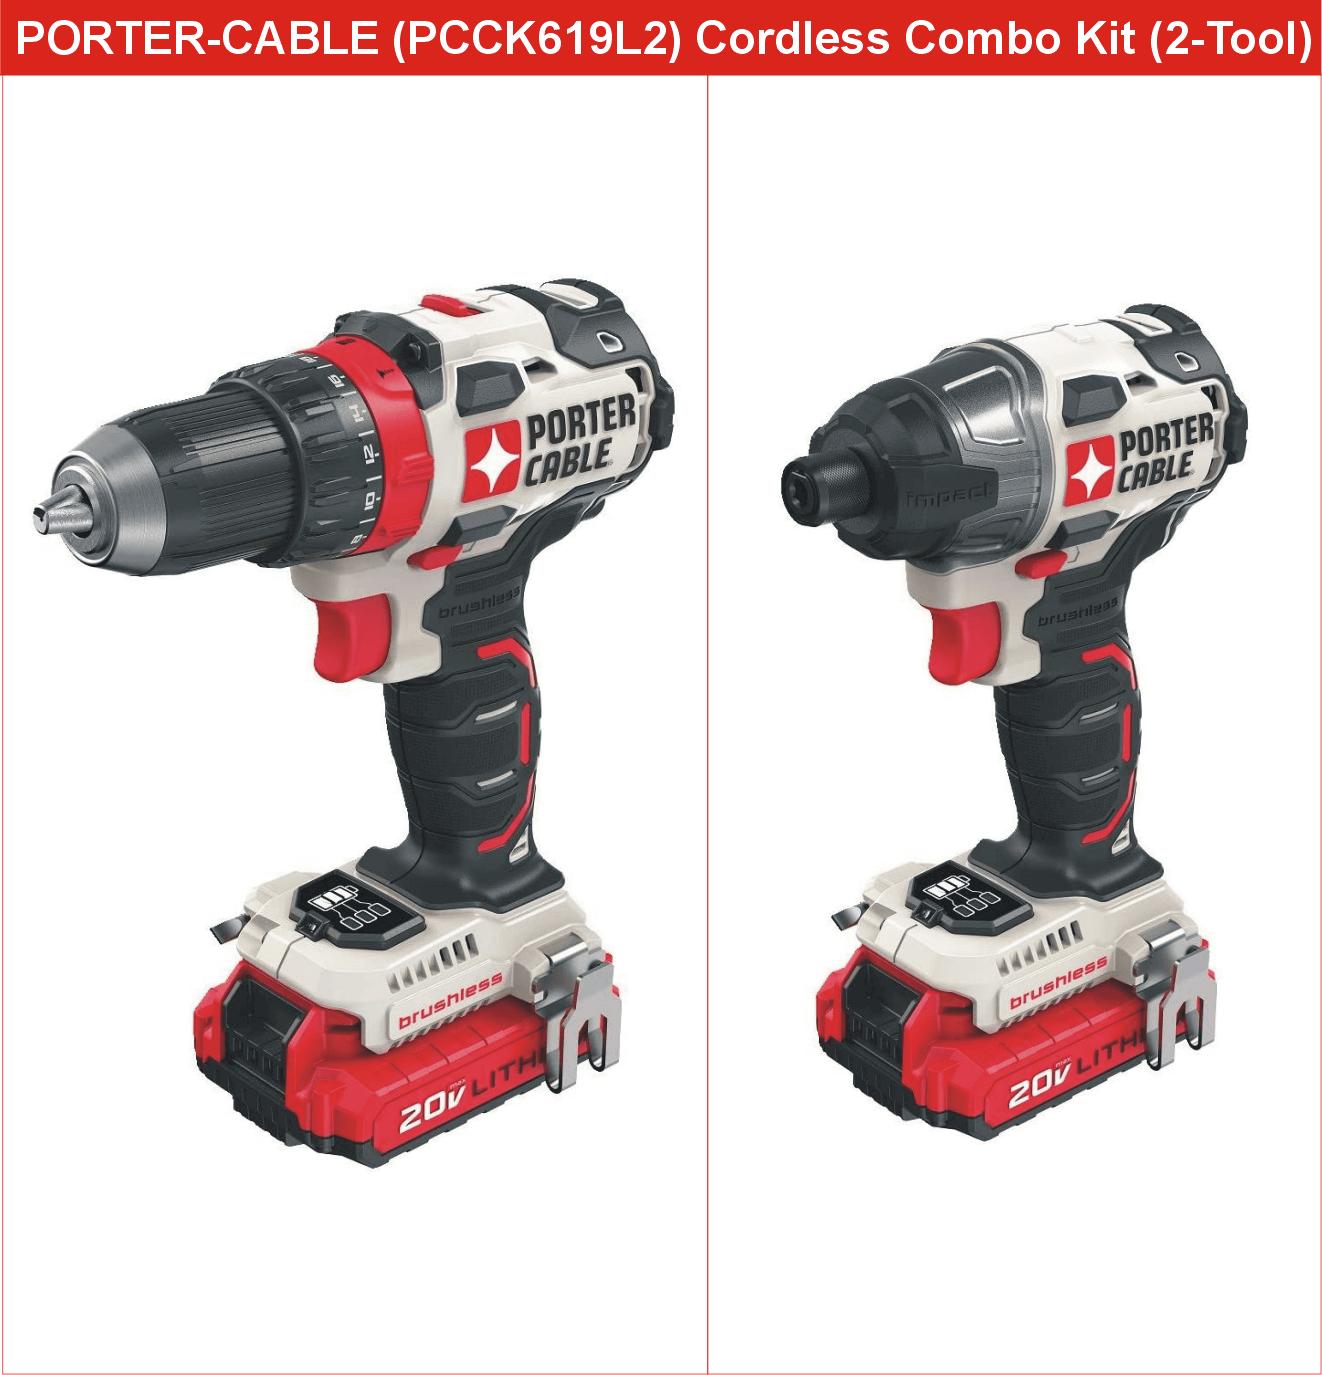 porter-cable-pcck619l2-20v-max-cordless-drill-combo-kit-brushless-2-tool